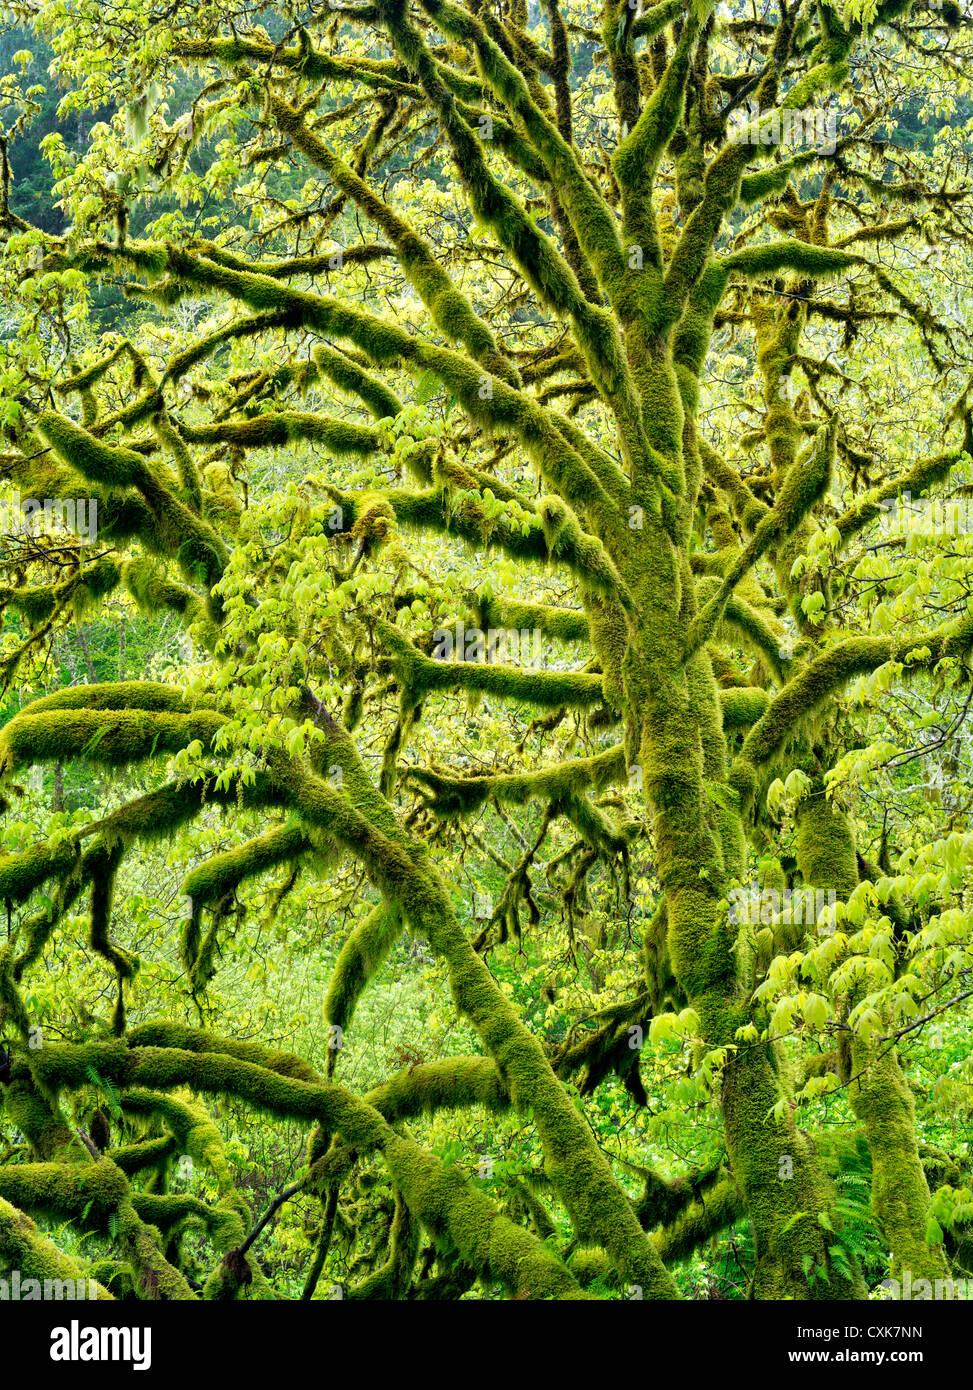 L'Érable grandifolié érable avec Moss et la nouvelle croissance. Gamme côtière de l'Oregon. Photo Stock